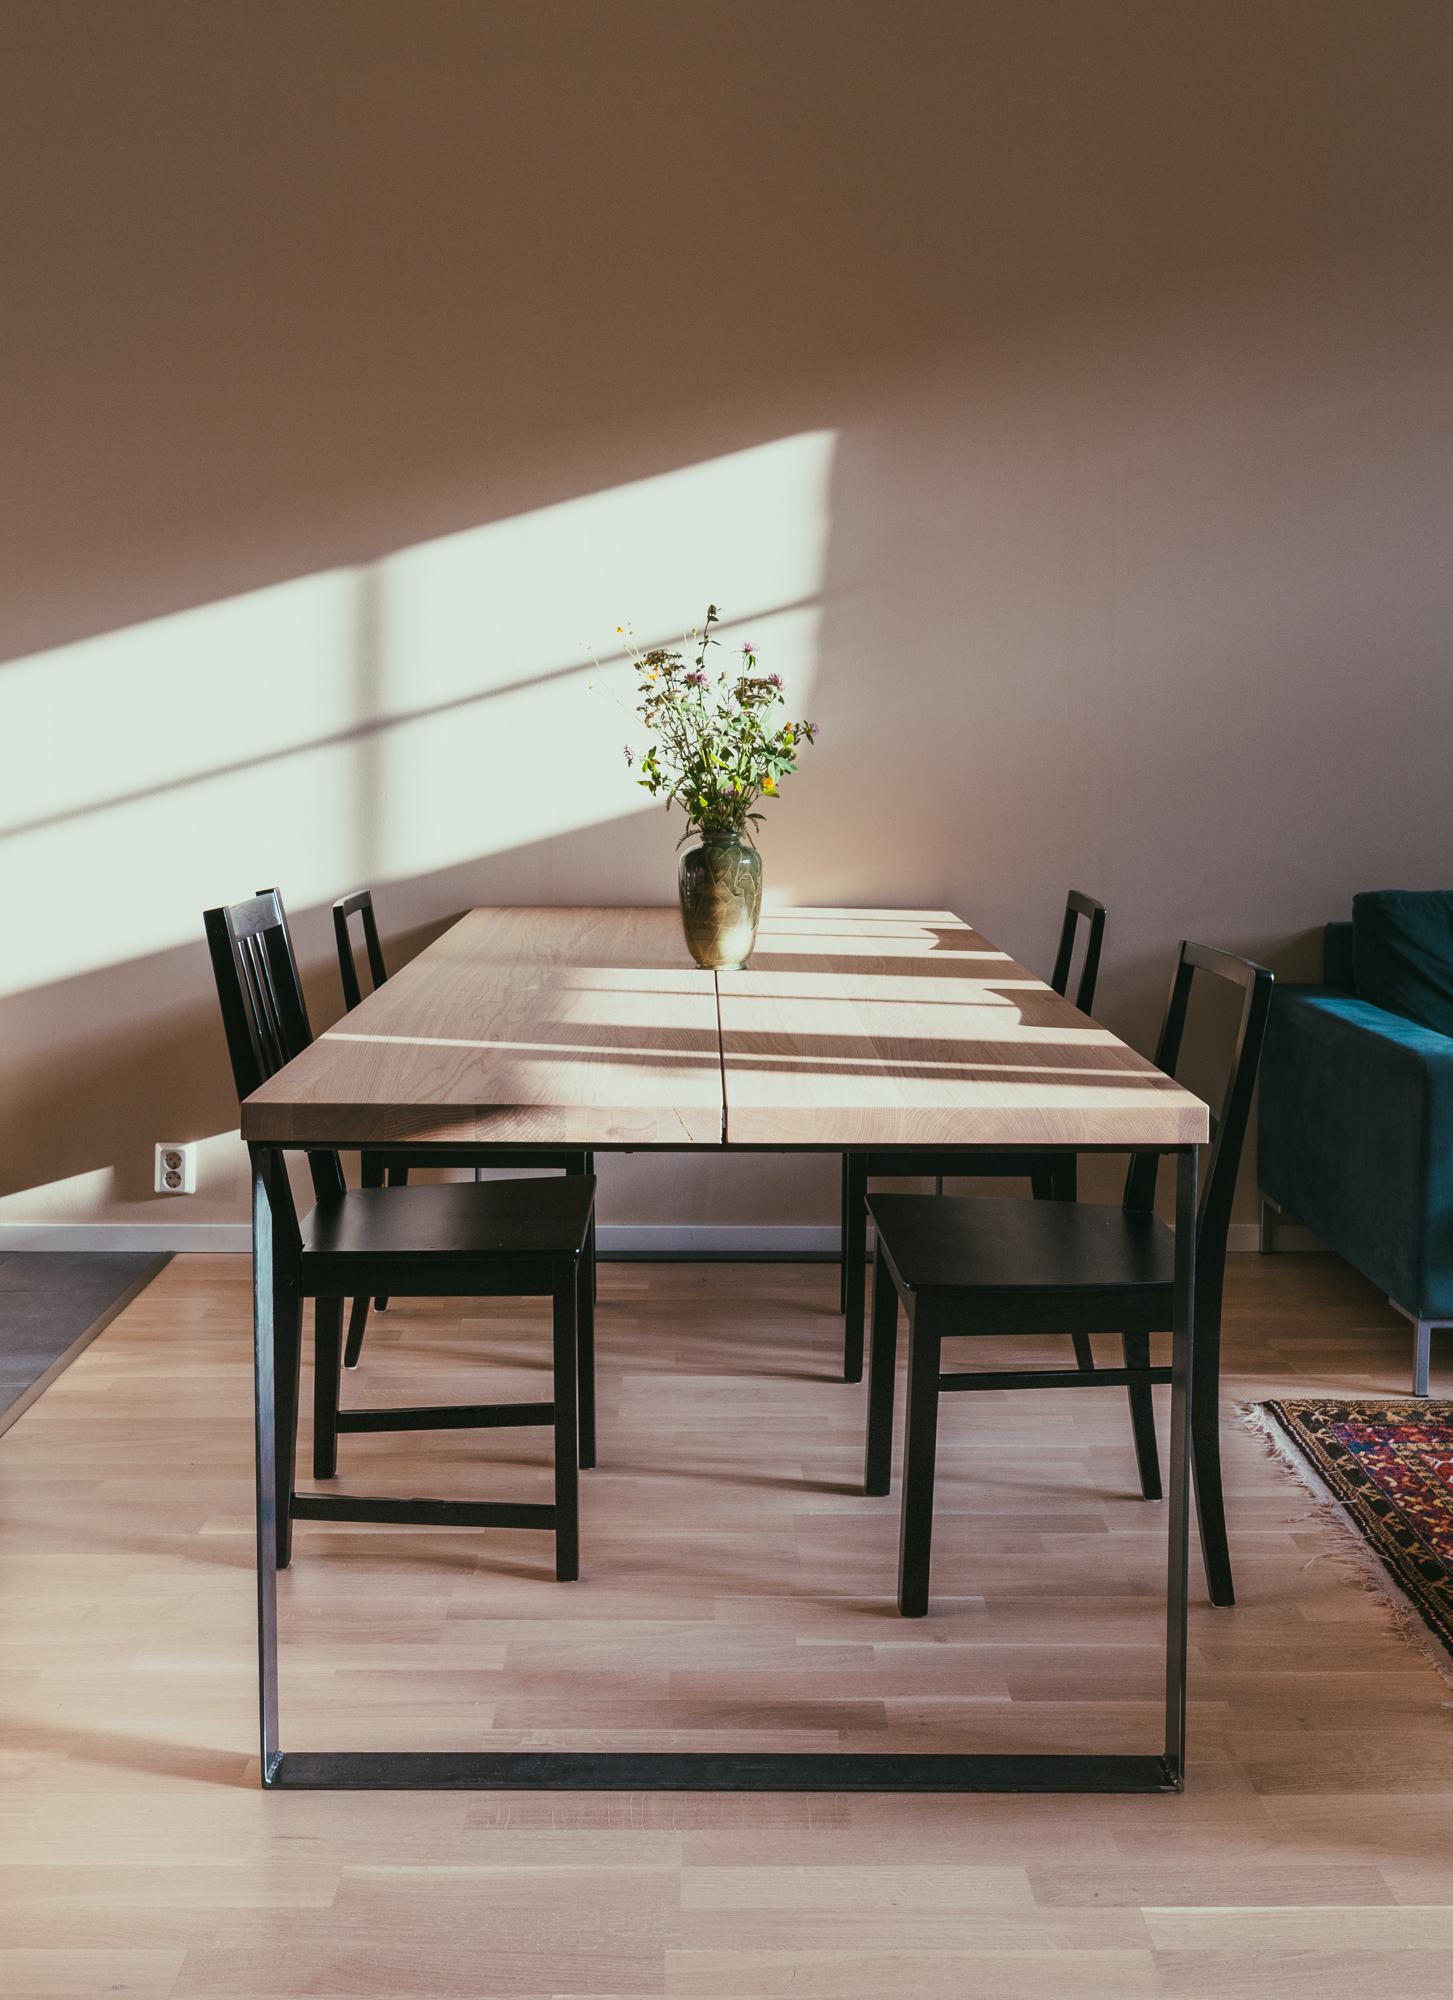 Musta metallijalka kehystää tammisen pöydänkannen kauniisti.